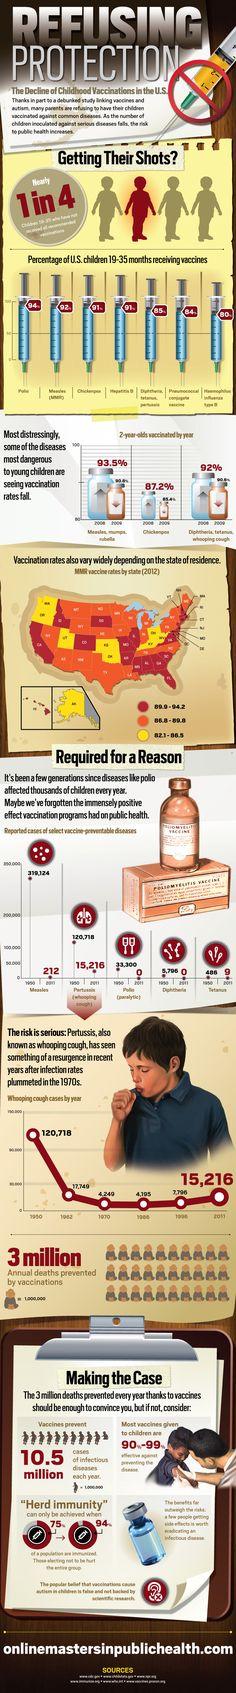 Vaccine refusal controversy